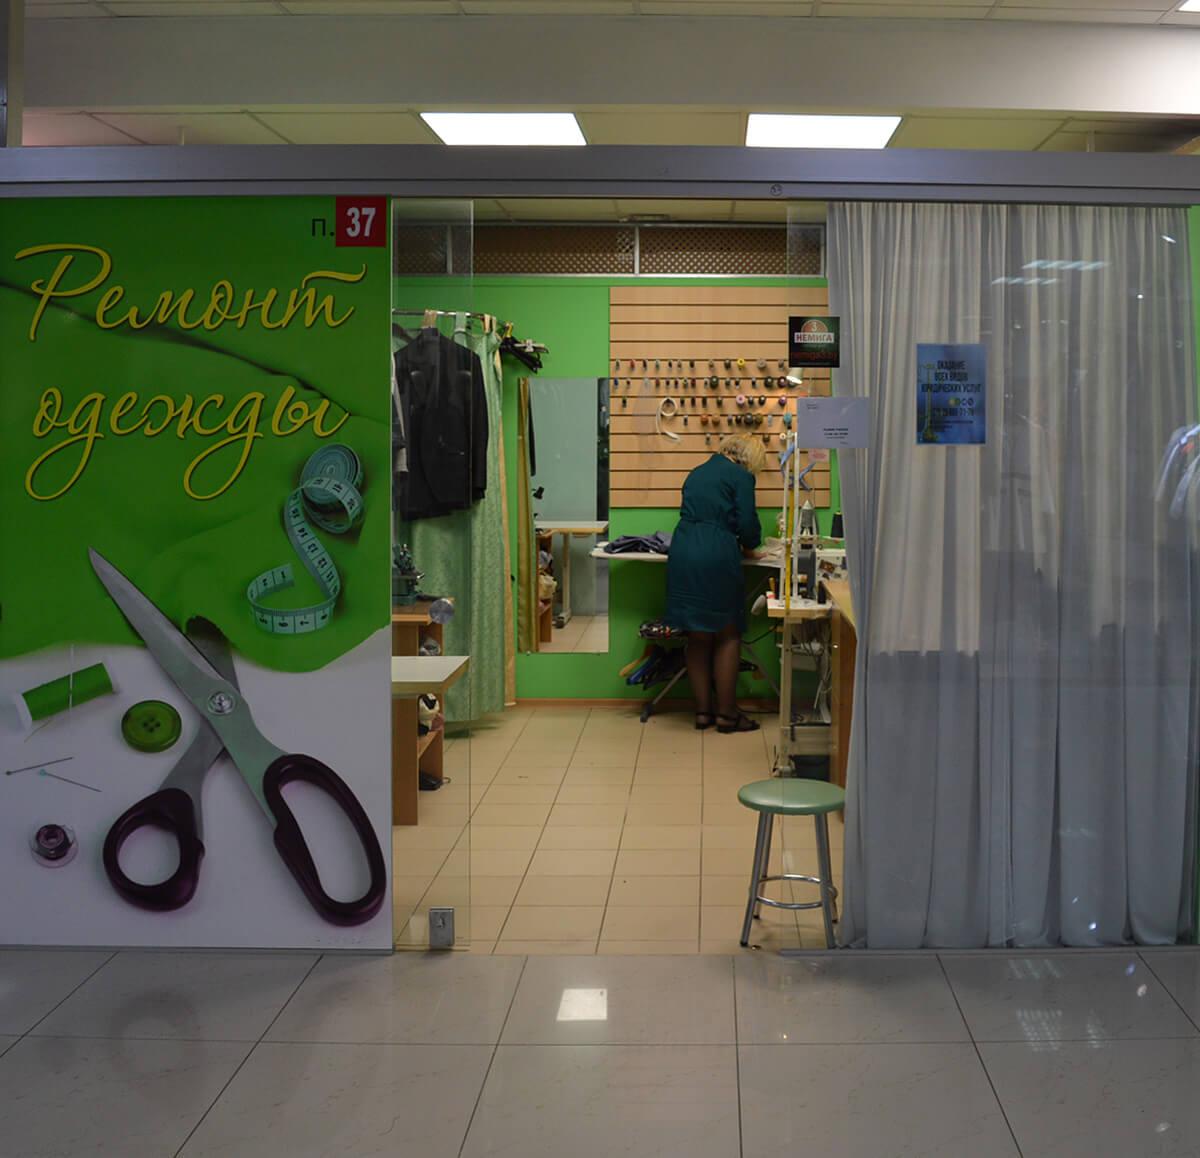 Ателье по Ремонту ОДЕЖДЫ  на 2 этаже в павильоне №37 в Торговом Центре «Немига 3»